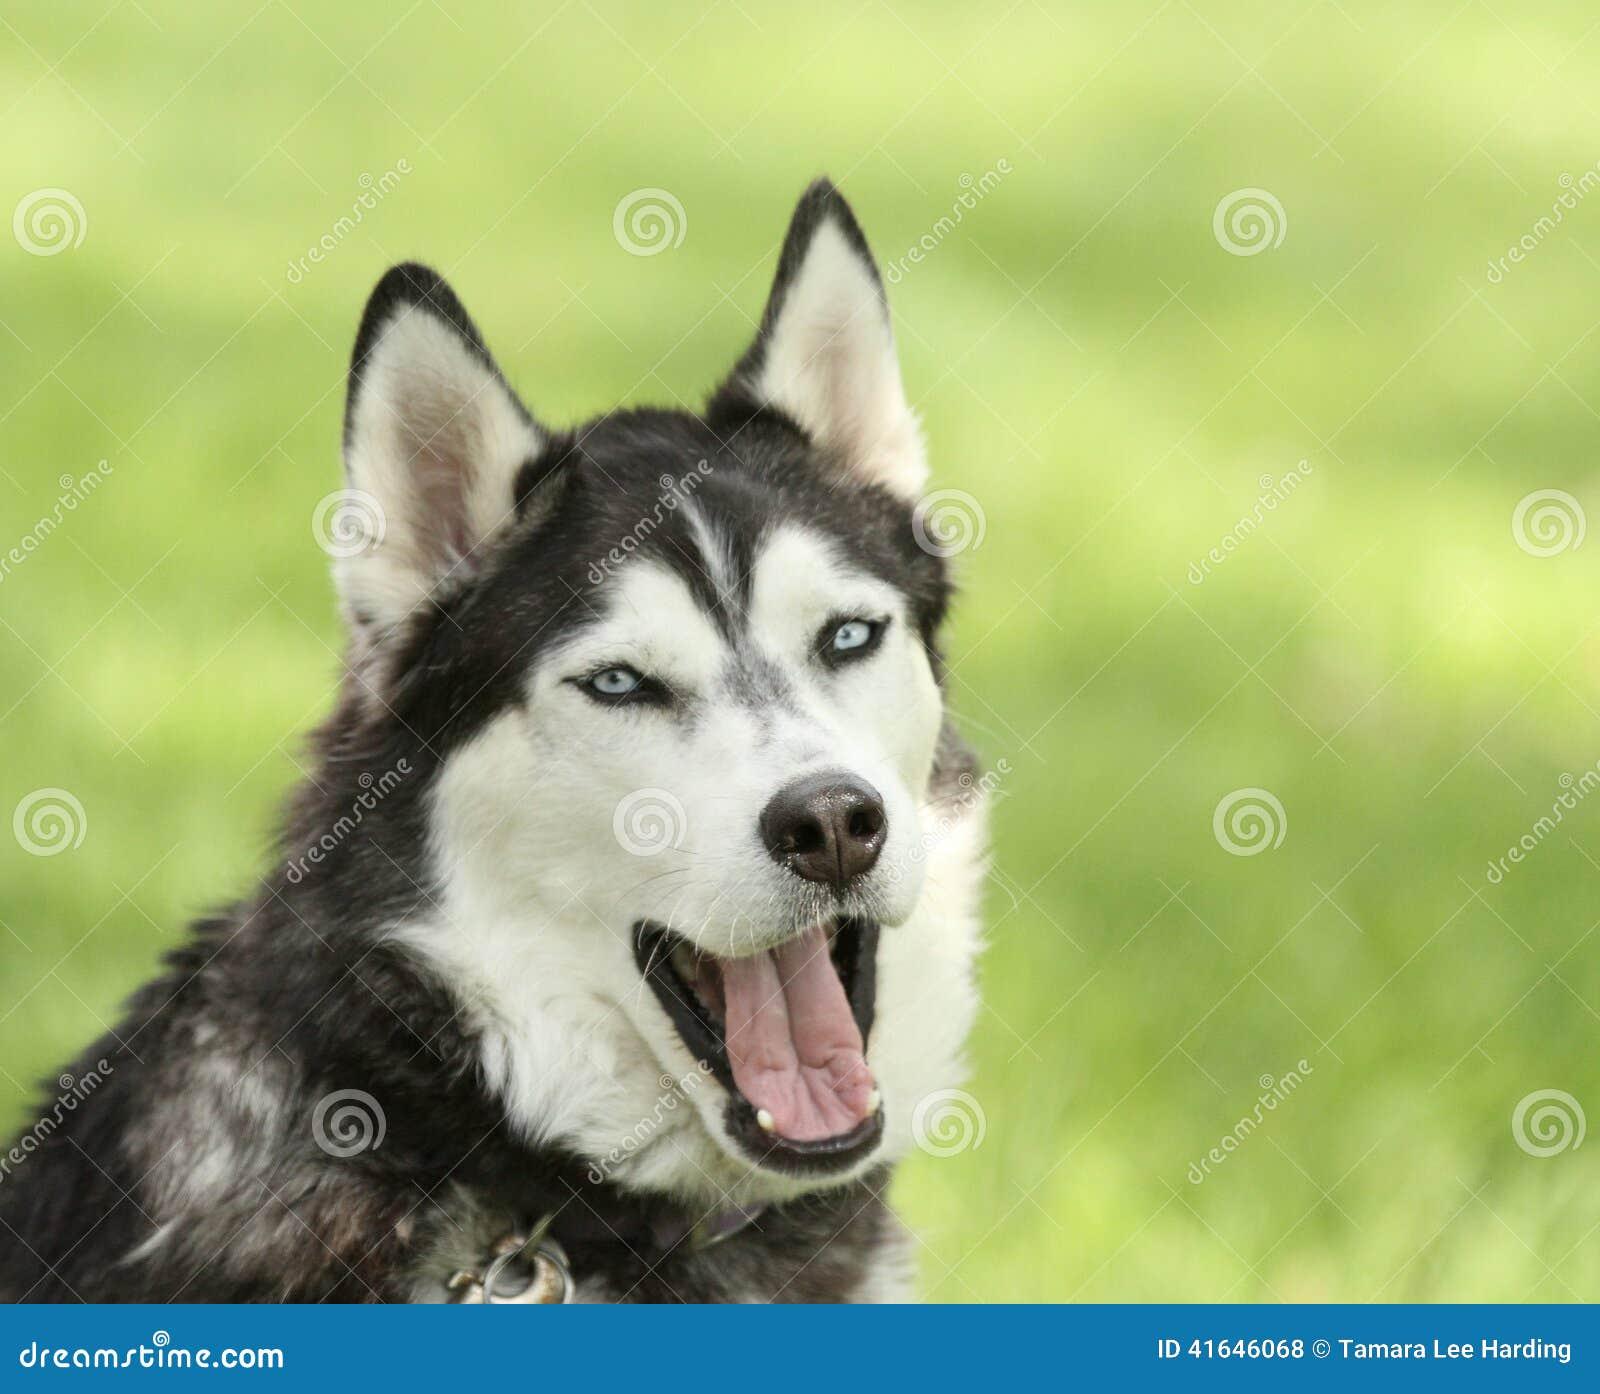 Husky Dog Showing Teeth